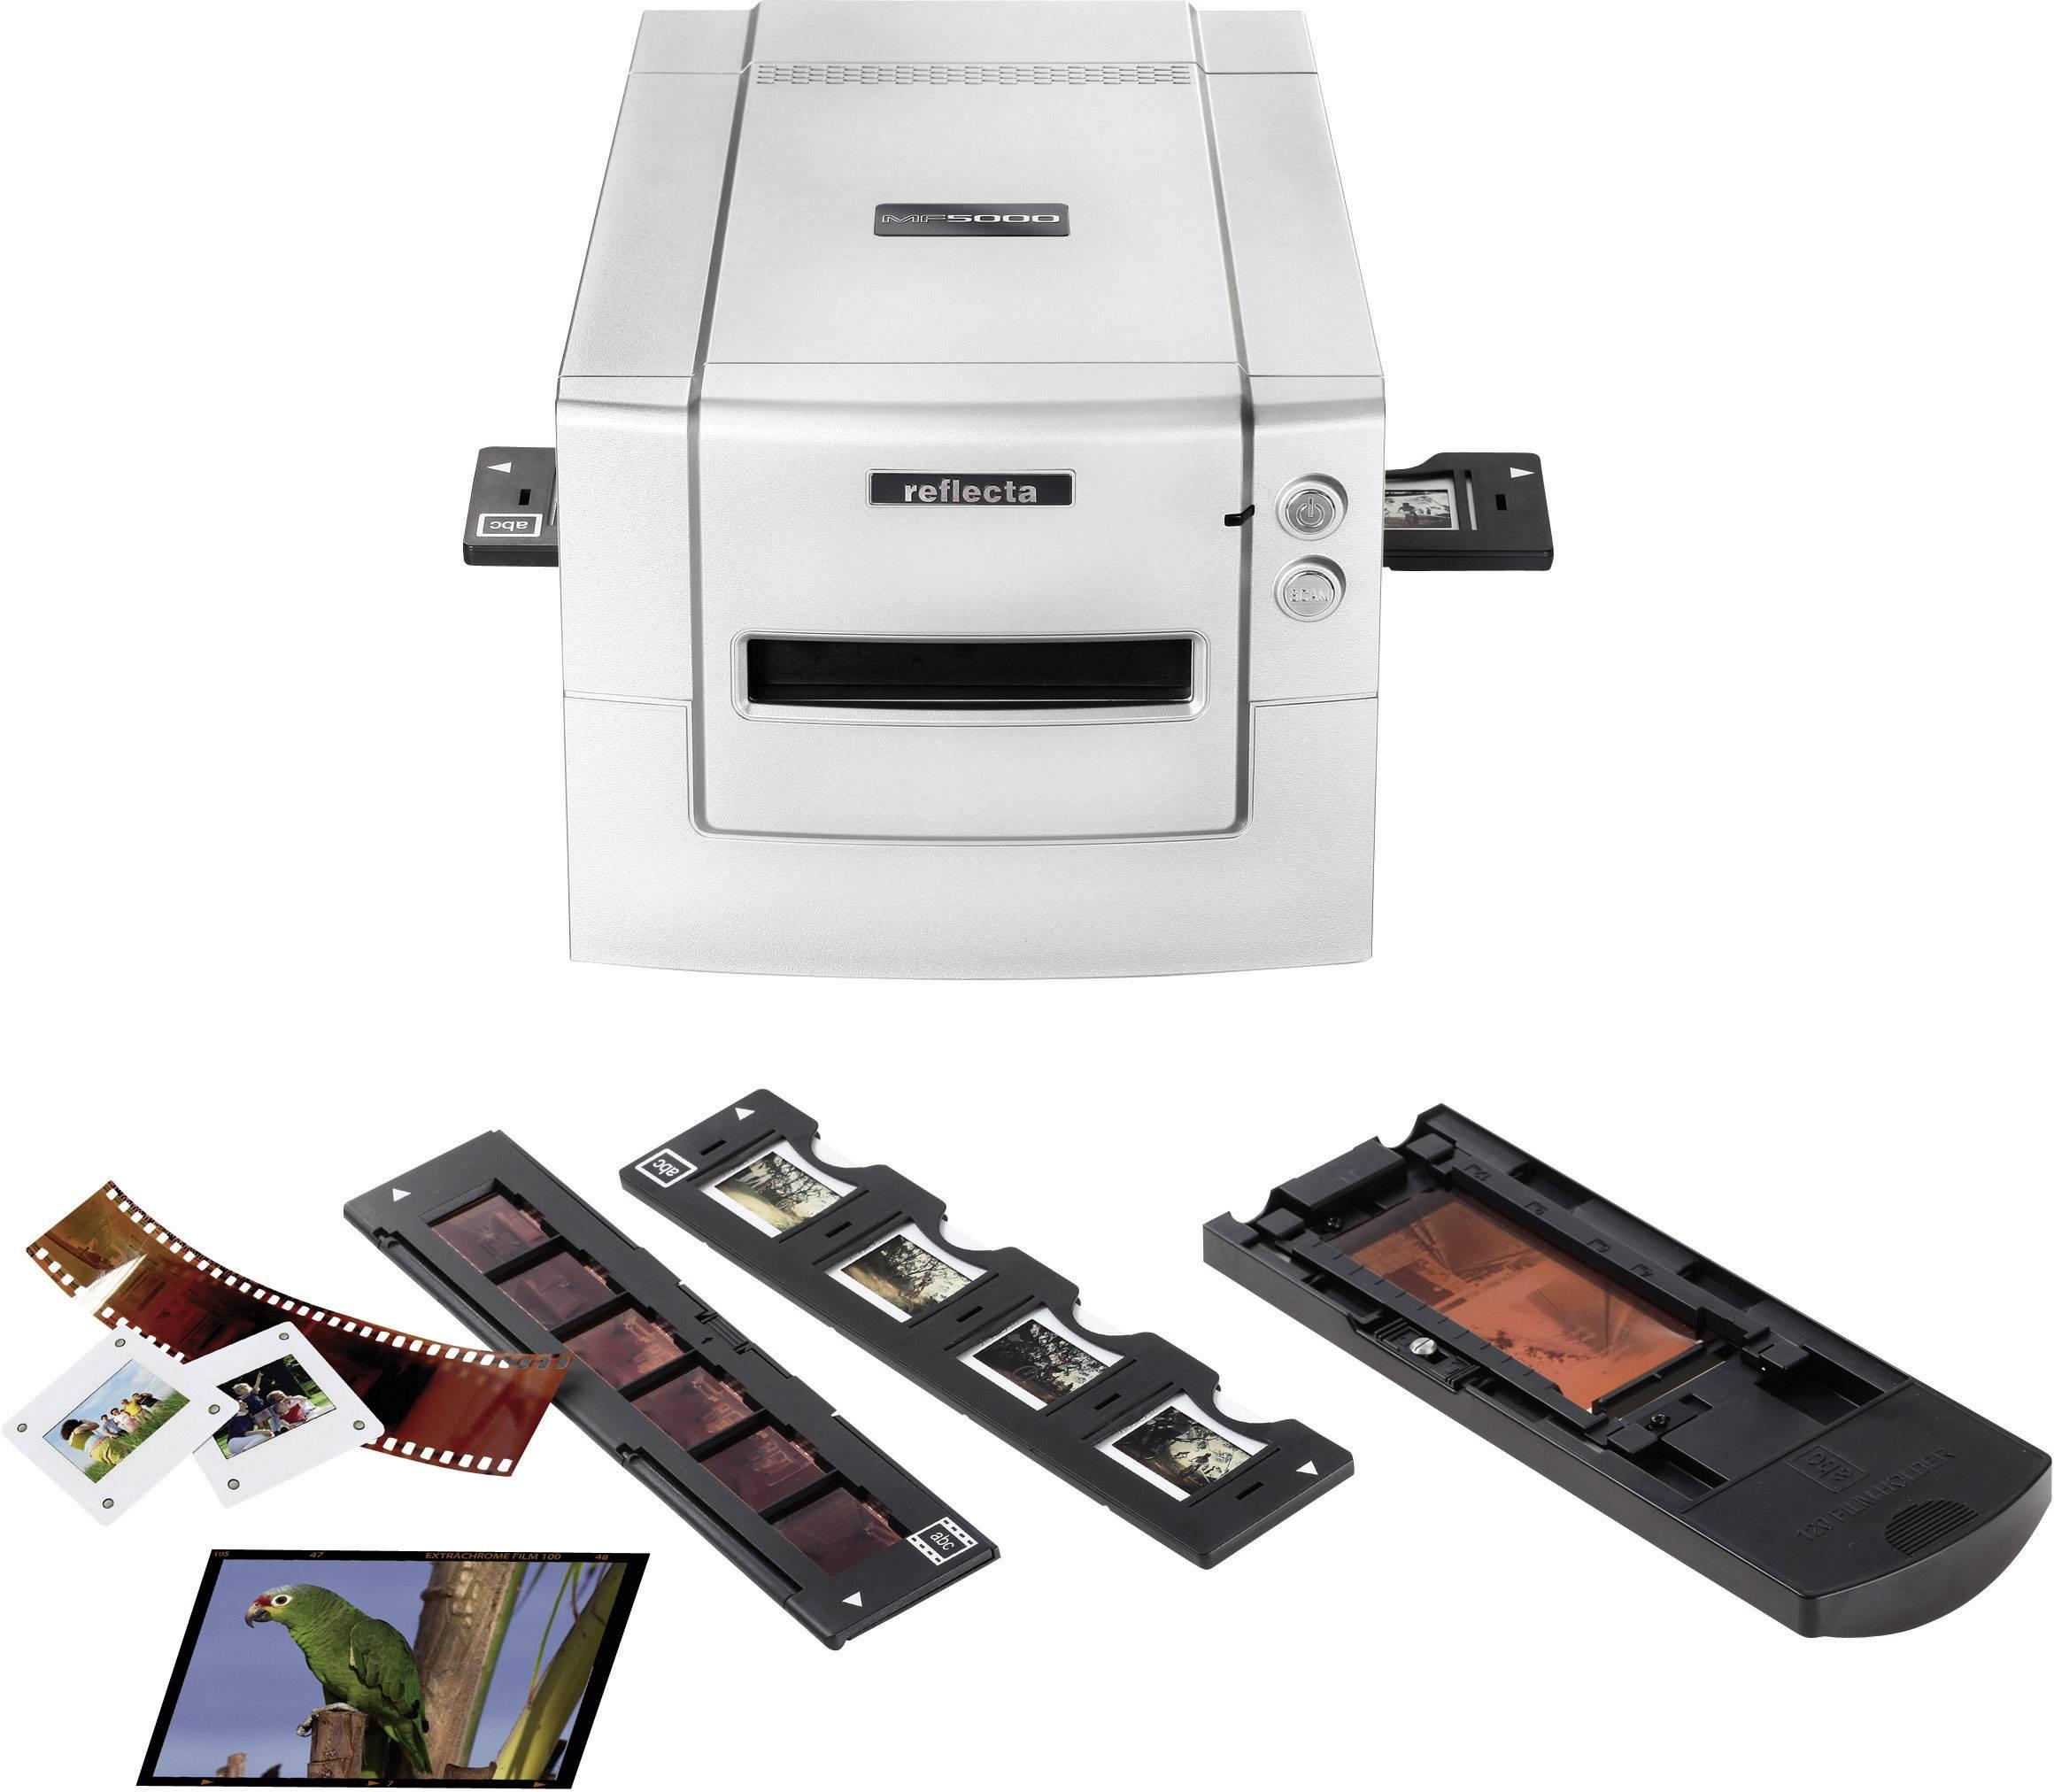 Reflecta MF 5000 Slide scanner, Negative scanner, Image